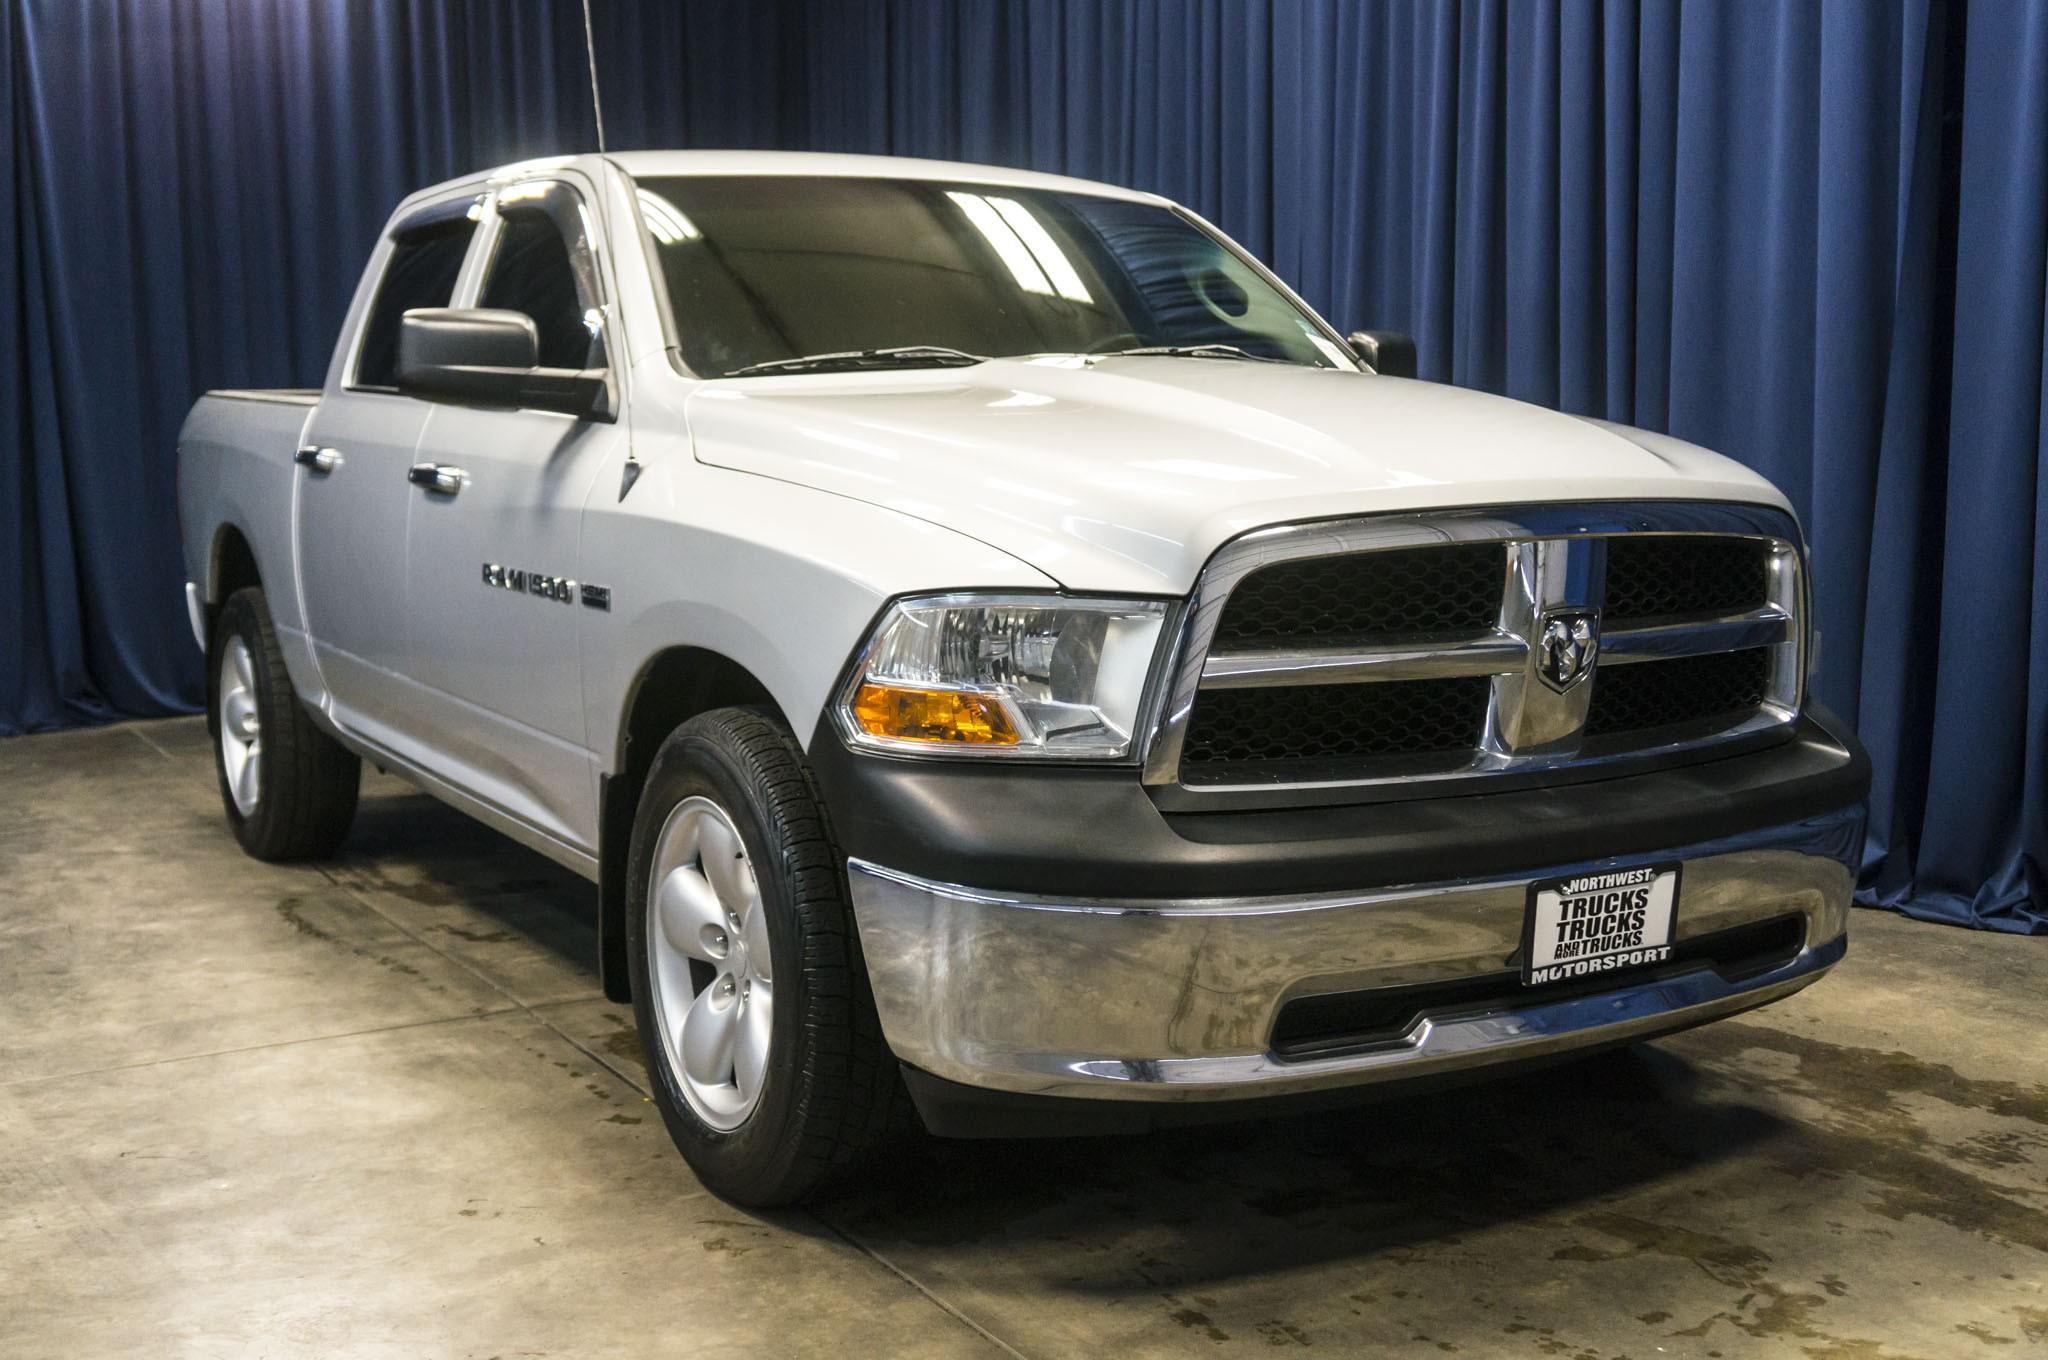 used 2011 dodge ram 1500 slt 4x4 truck for sale 41584. Black Bedroom Furniture Sets. Home Design Ideas